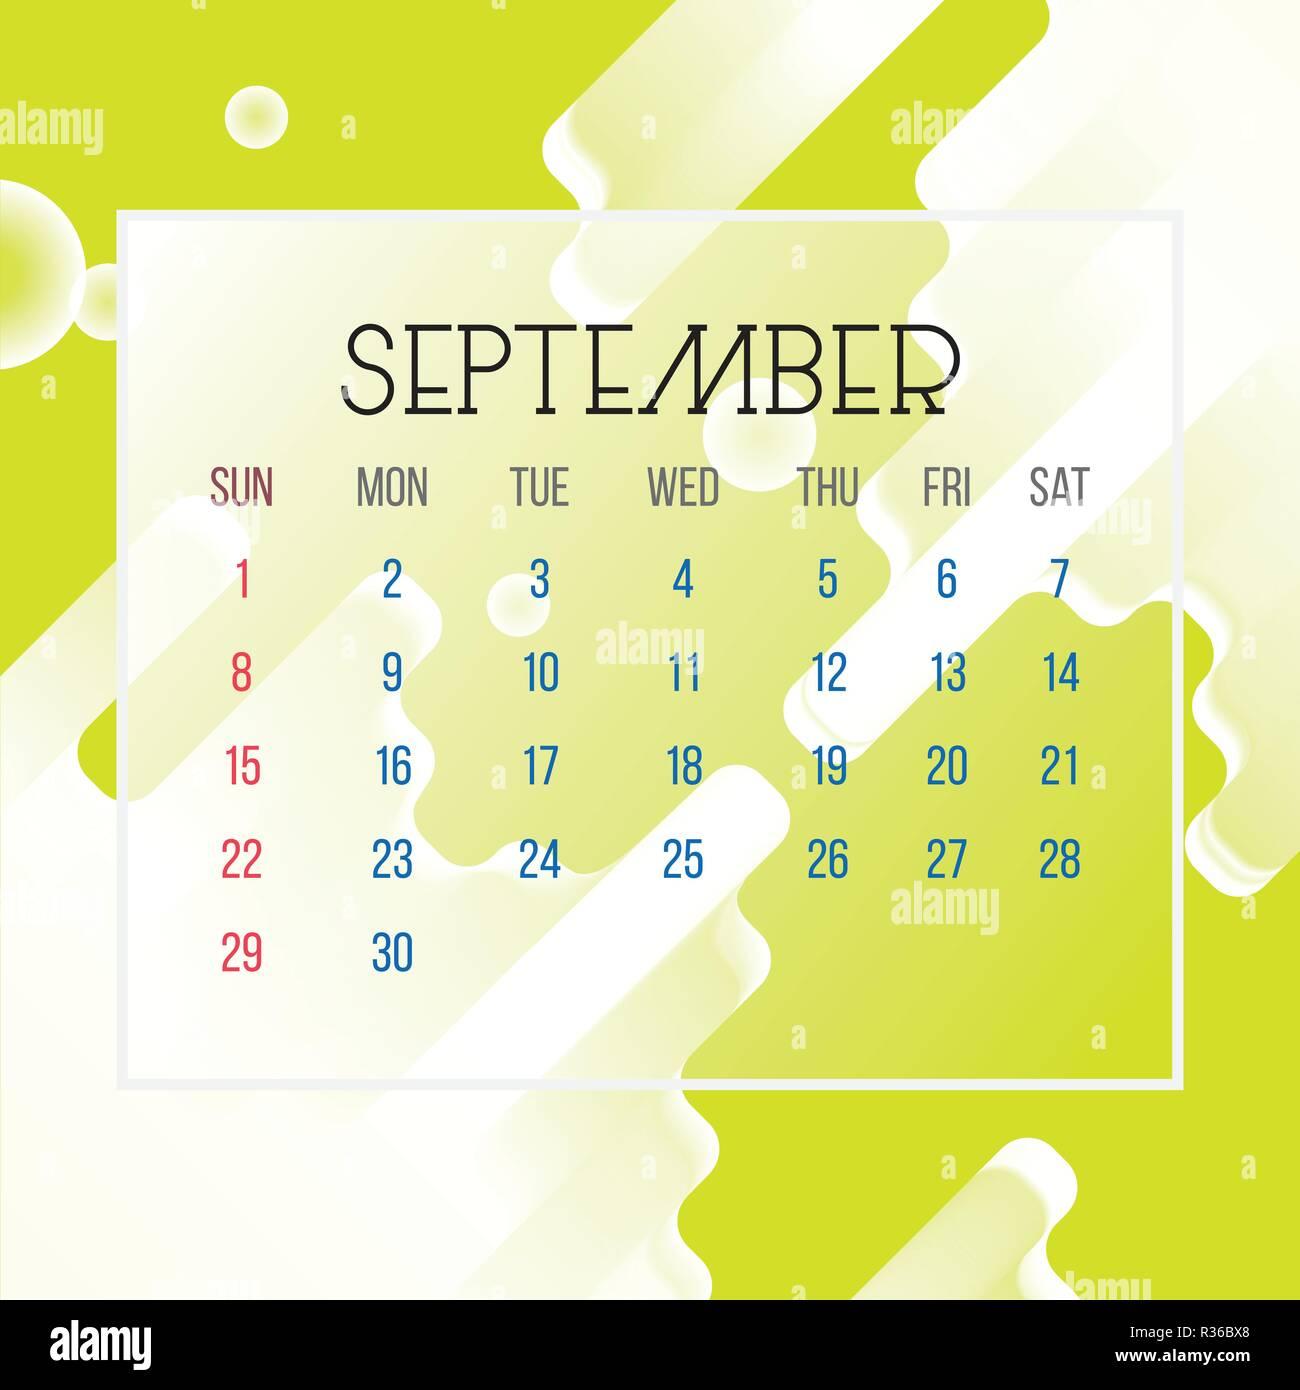 Pagina Di Calendario Settembre 2019.Settembre 2019 Calendario Leaf Illustrazione Vettore